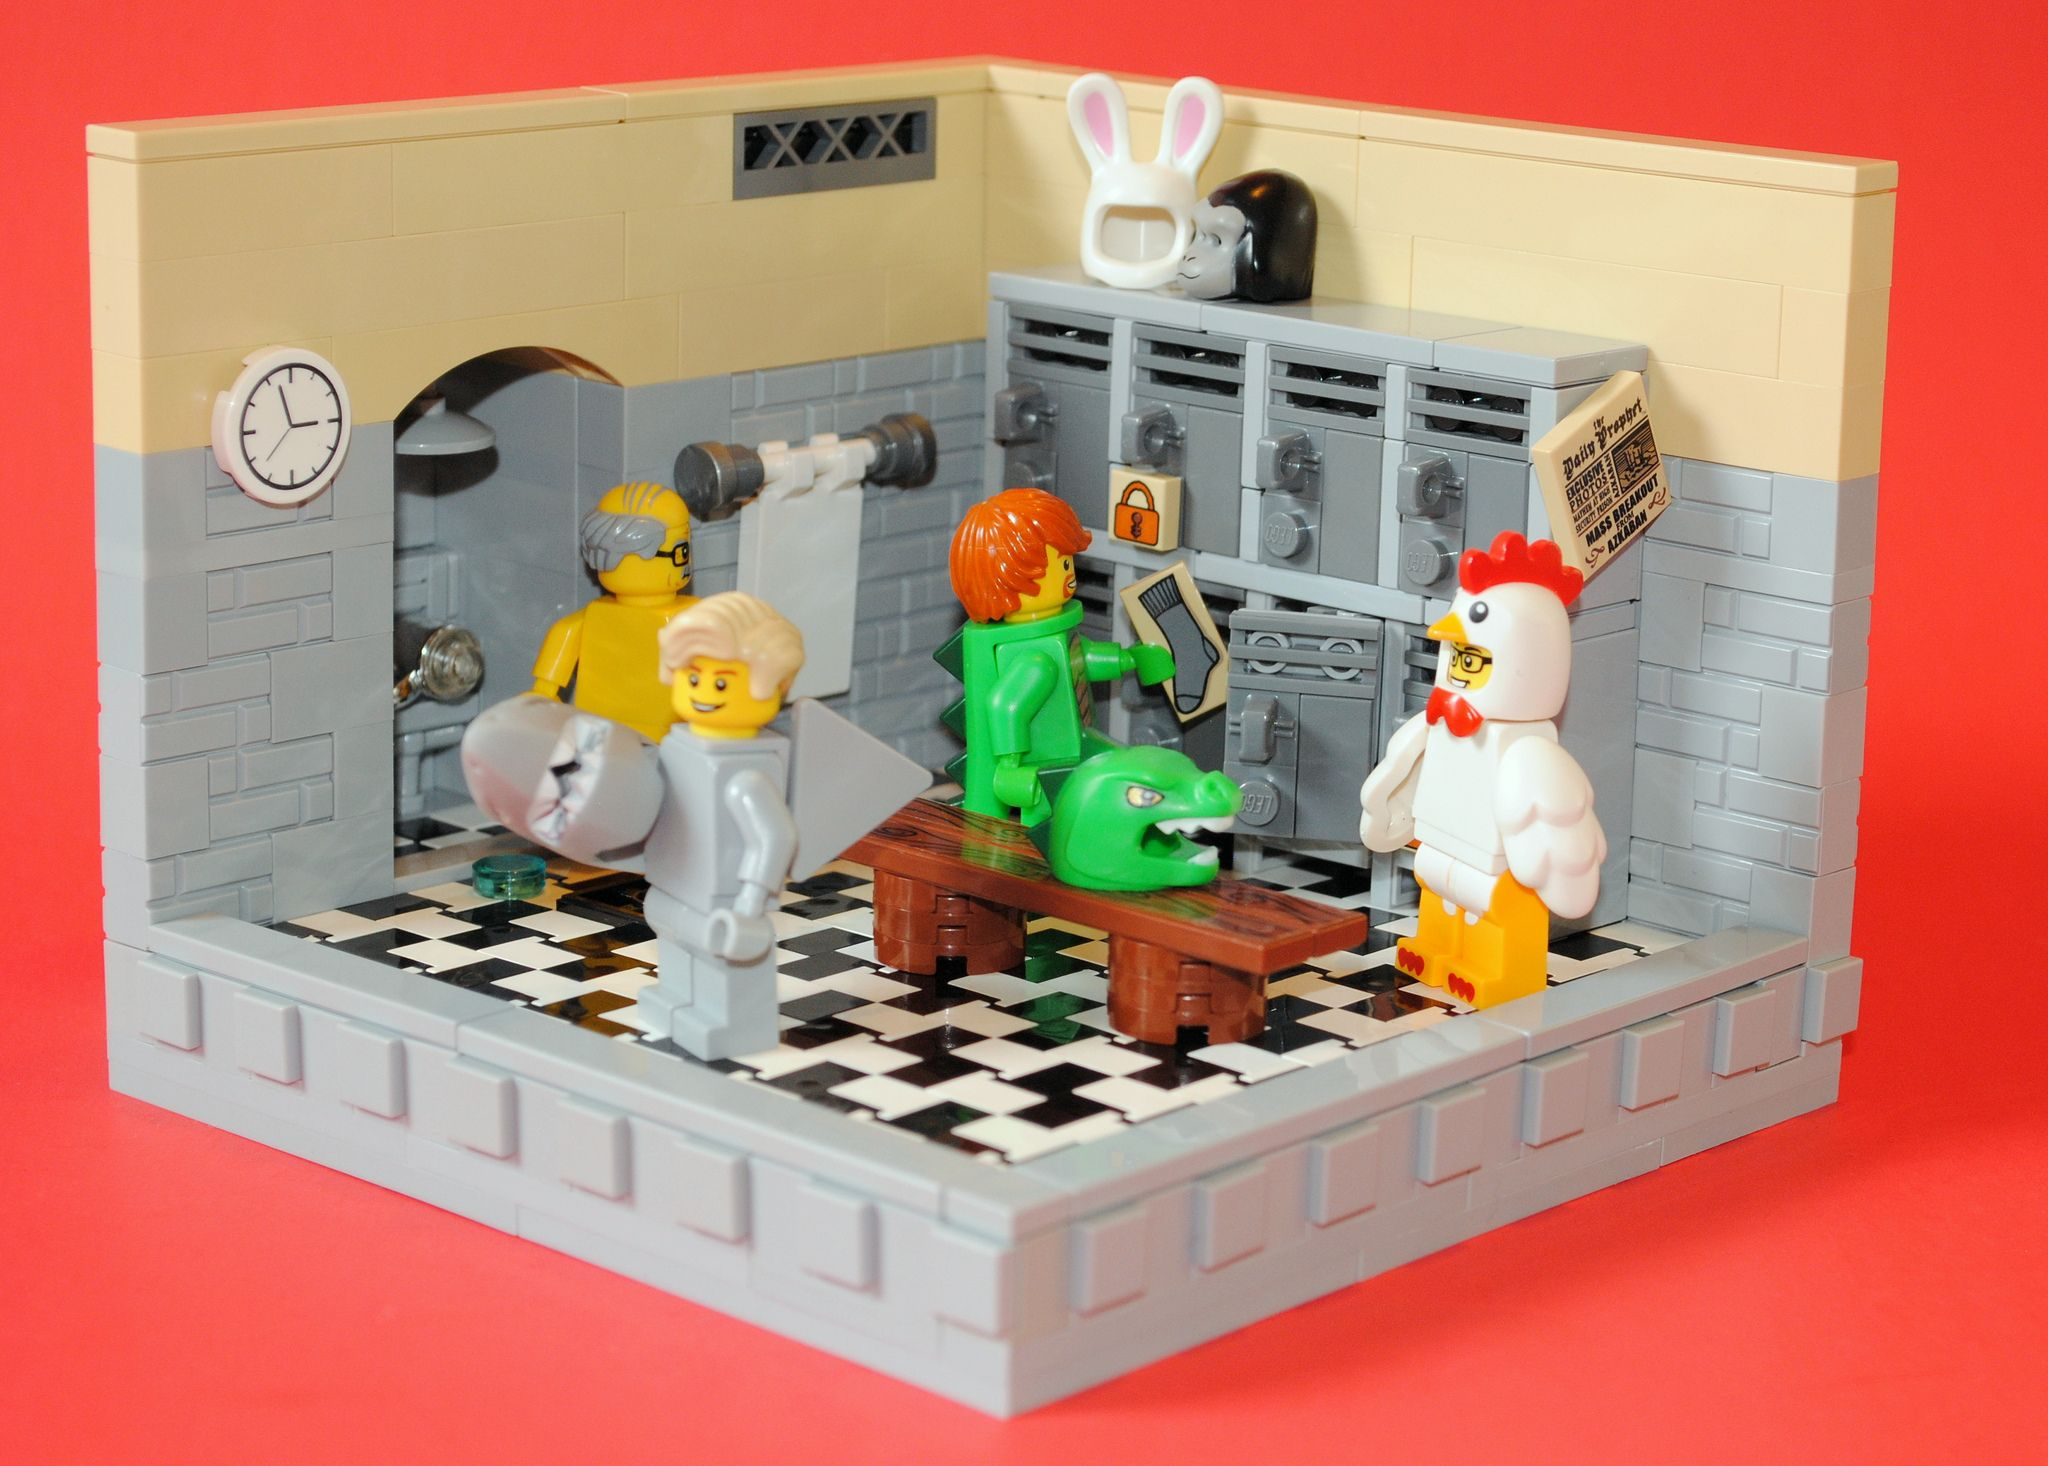 Lego Locker Room